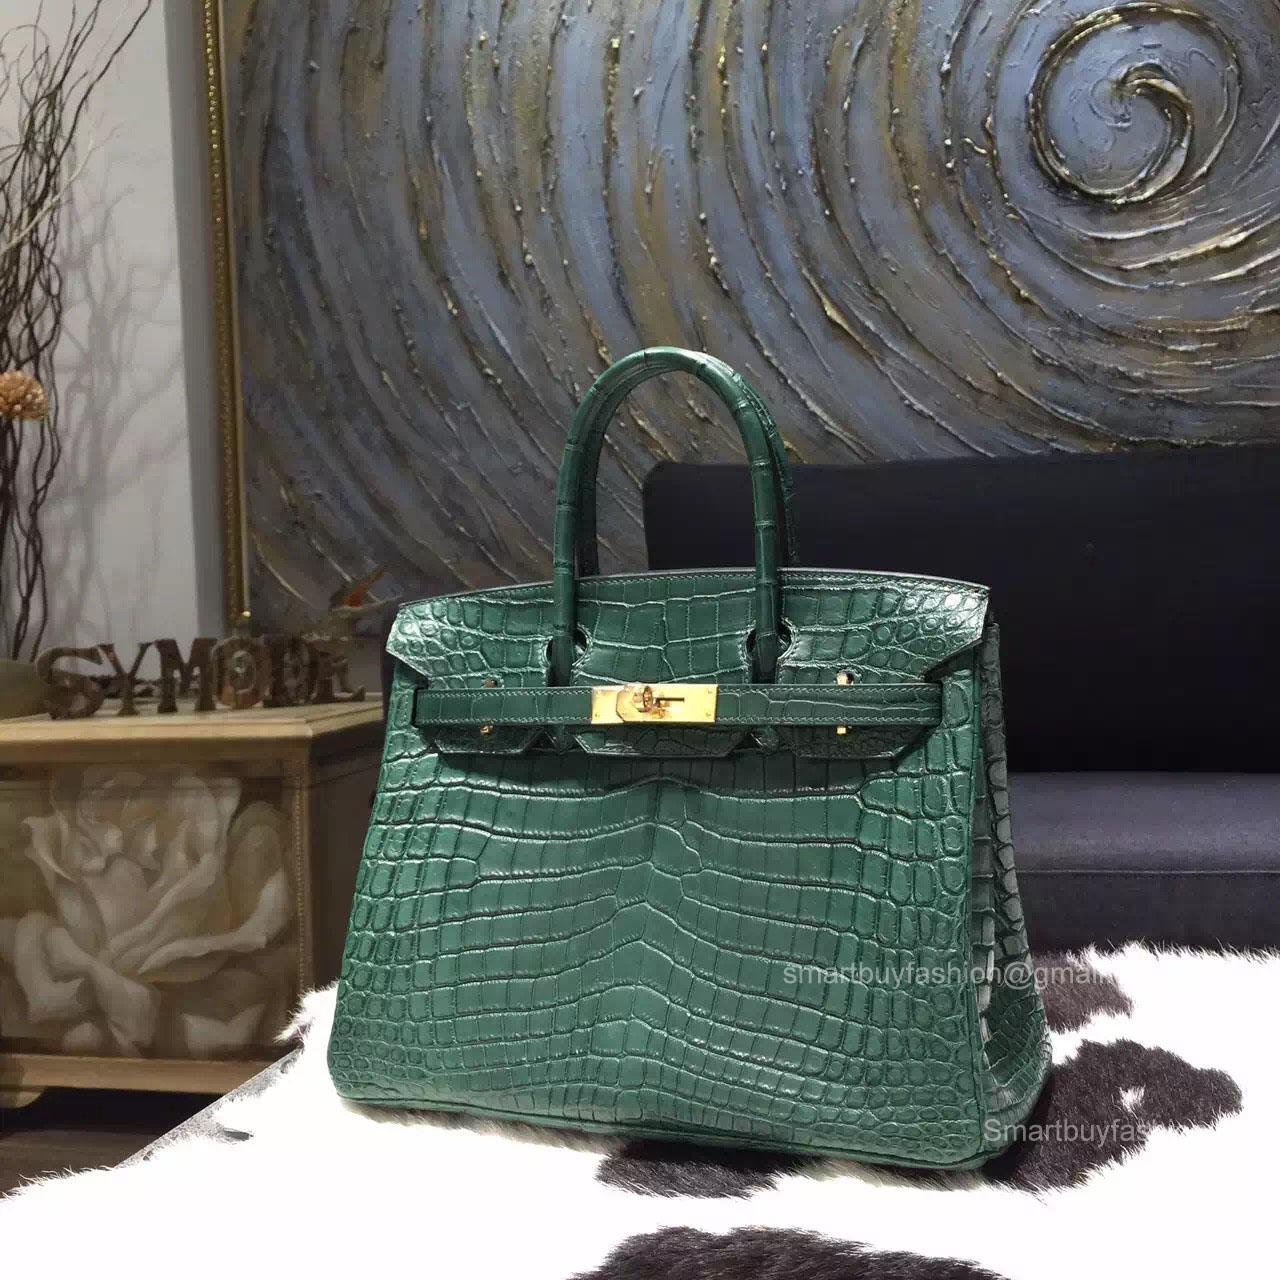 ee243c10684d Hermes Birkin 30 Bag Vert Fonce Crocodile Leather Handstitched Gold hw ...